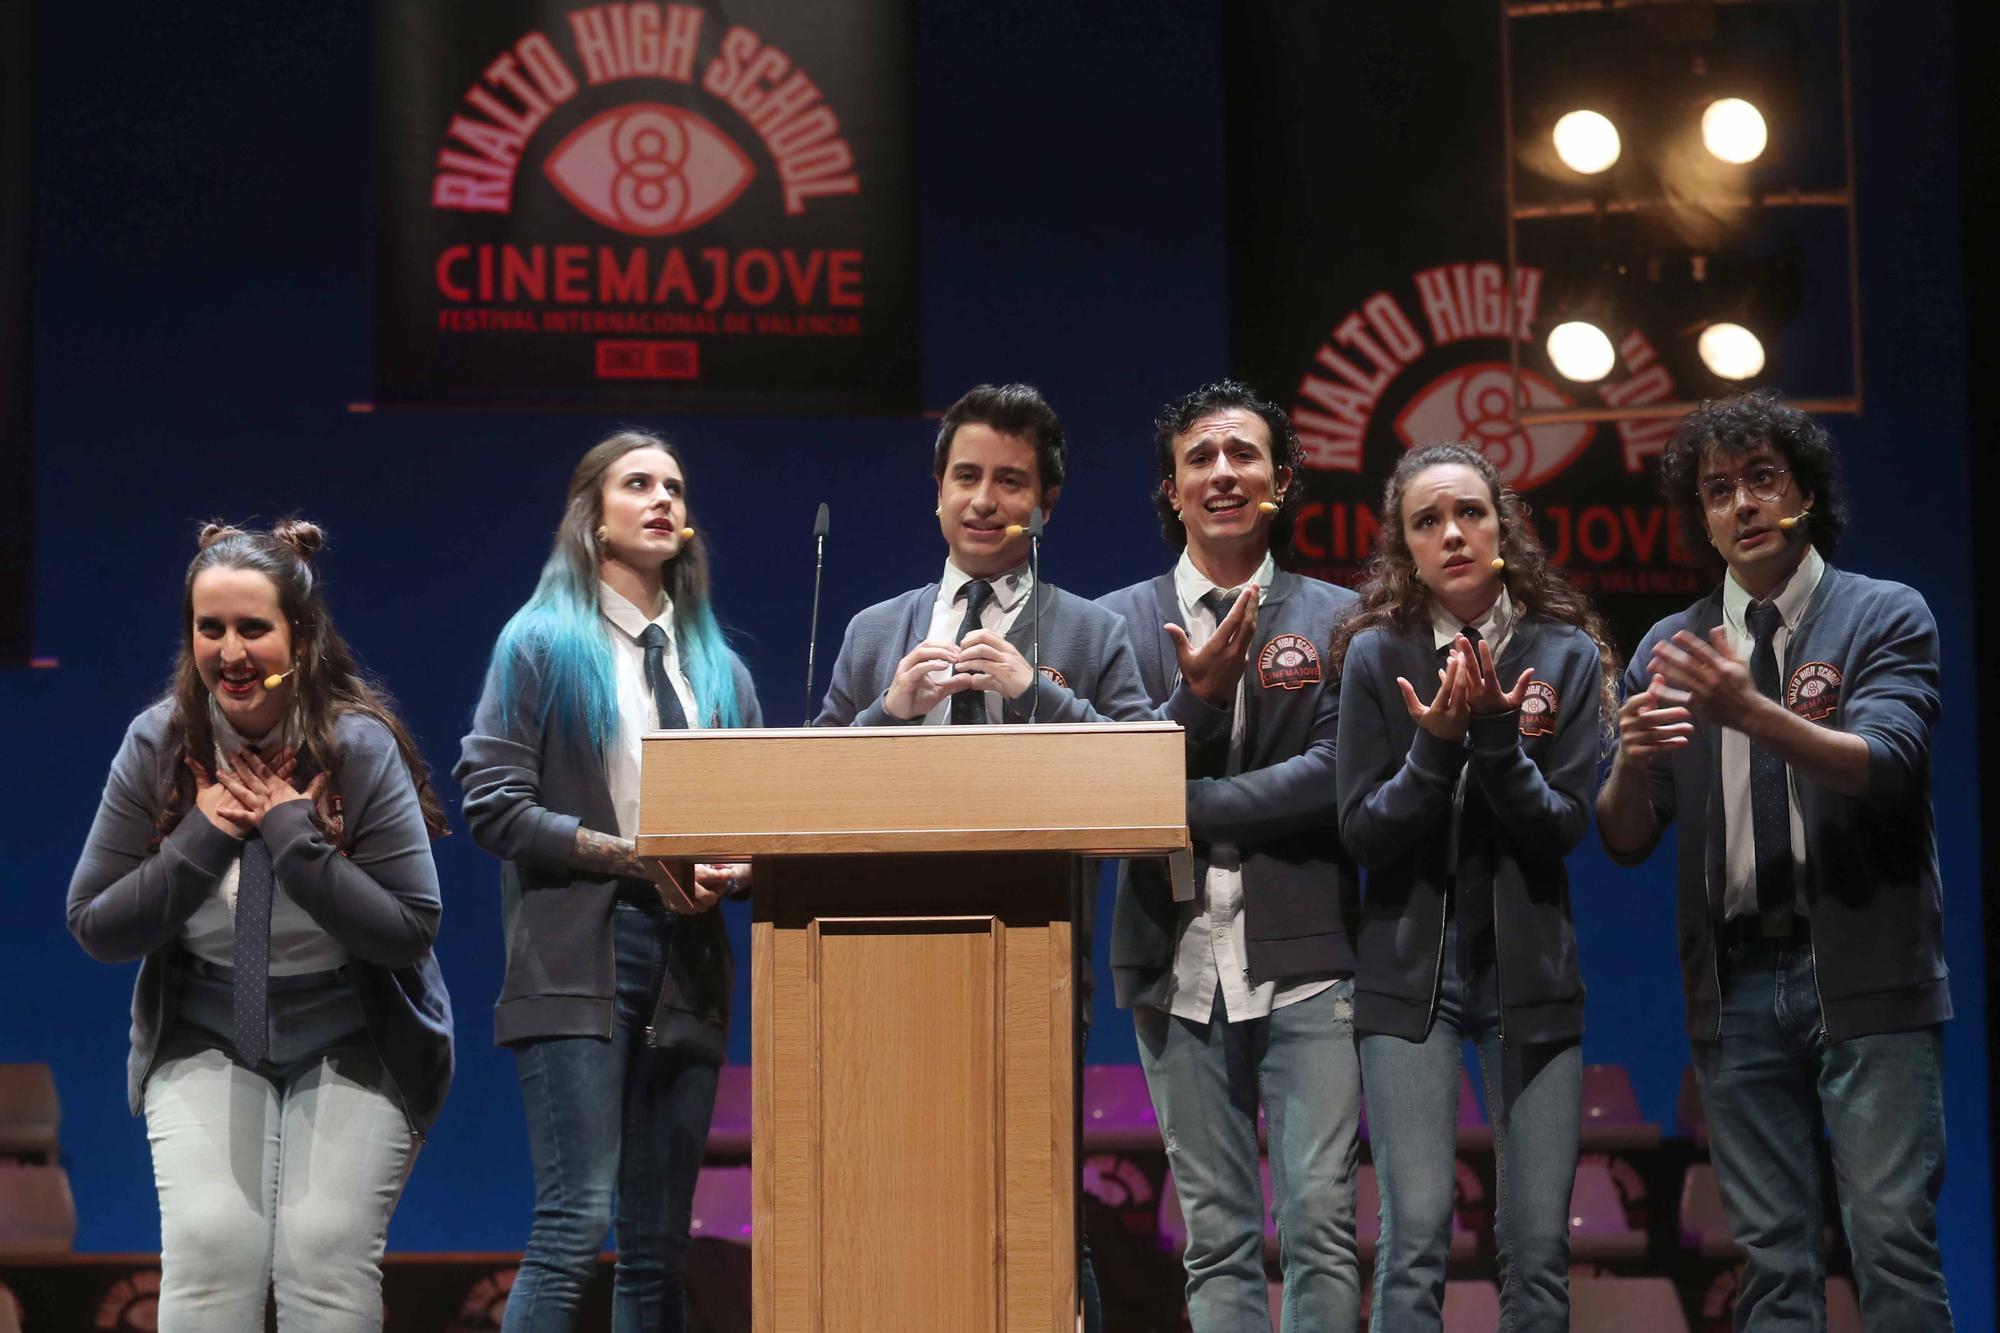 Las imágenes de la clausura del Festival Cinema Jove